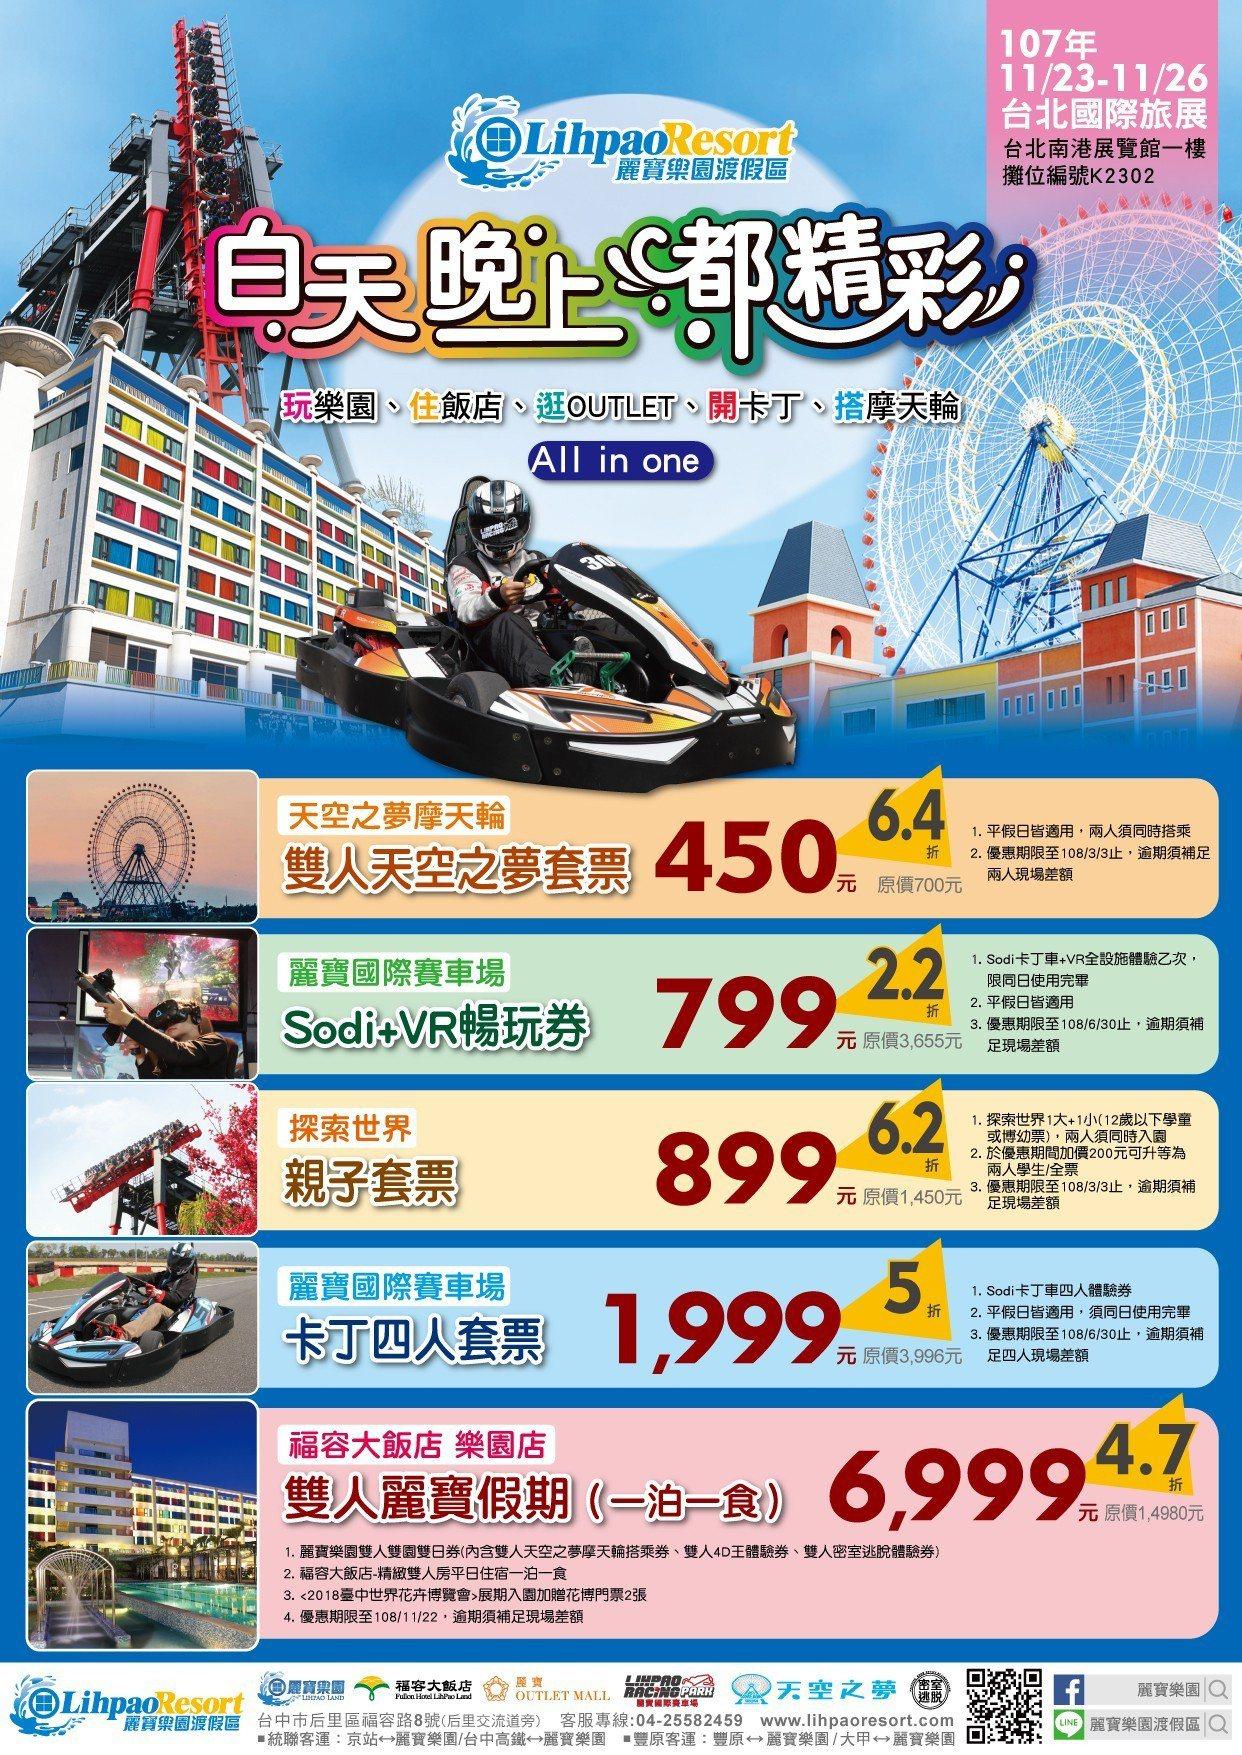 全台最大的麗寶樂園渡假區11月23日26日於台北國際旅展ITF展,推出最低四折起...